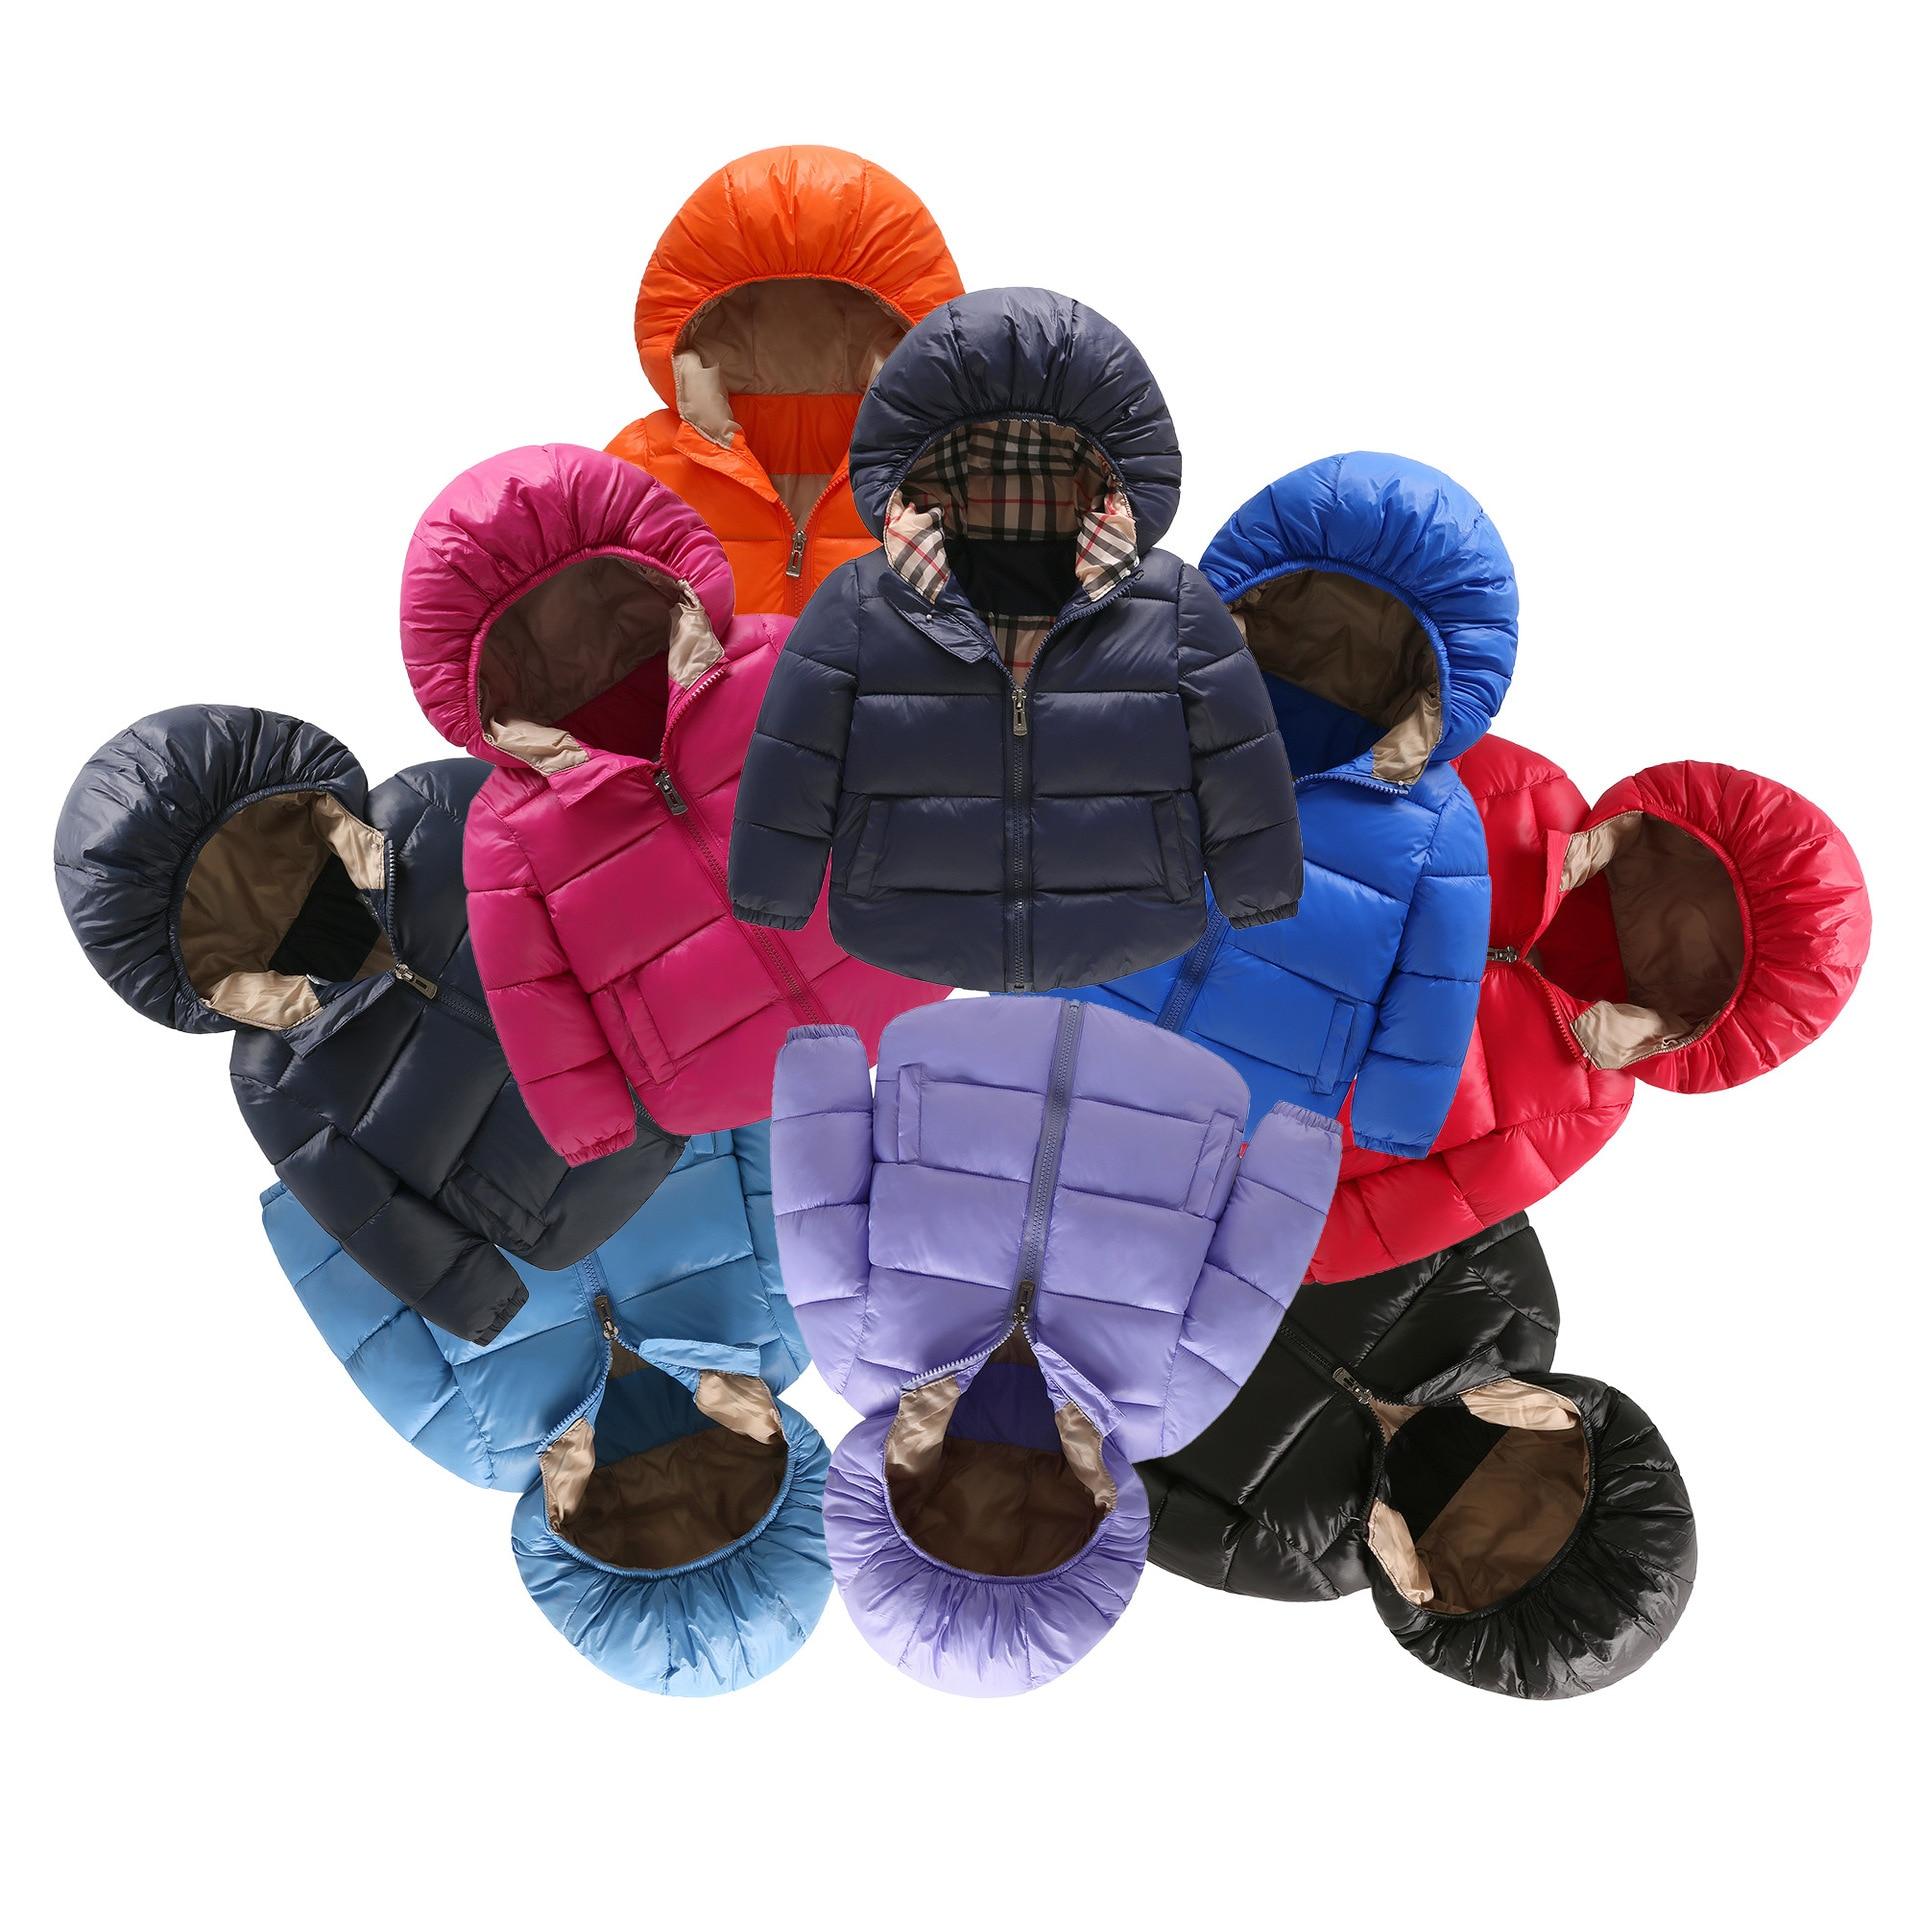 Brand children jacket Outerwear Boy and Girl Winter Warm Down Hooded Coat kids jacket Boys Girls Cotton Children Warm Suits